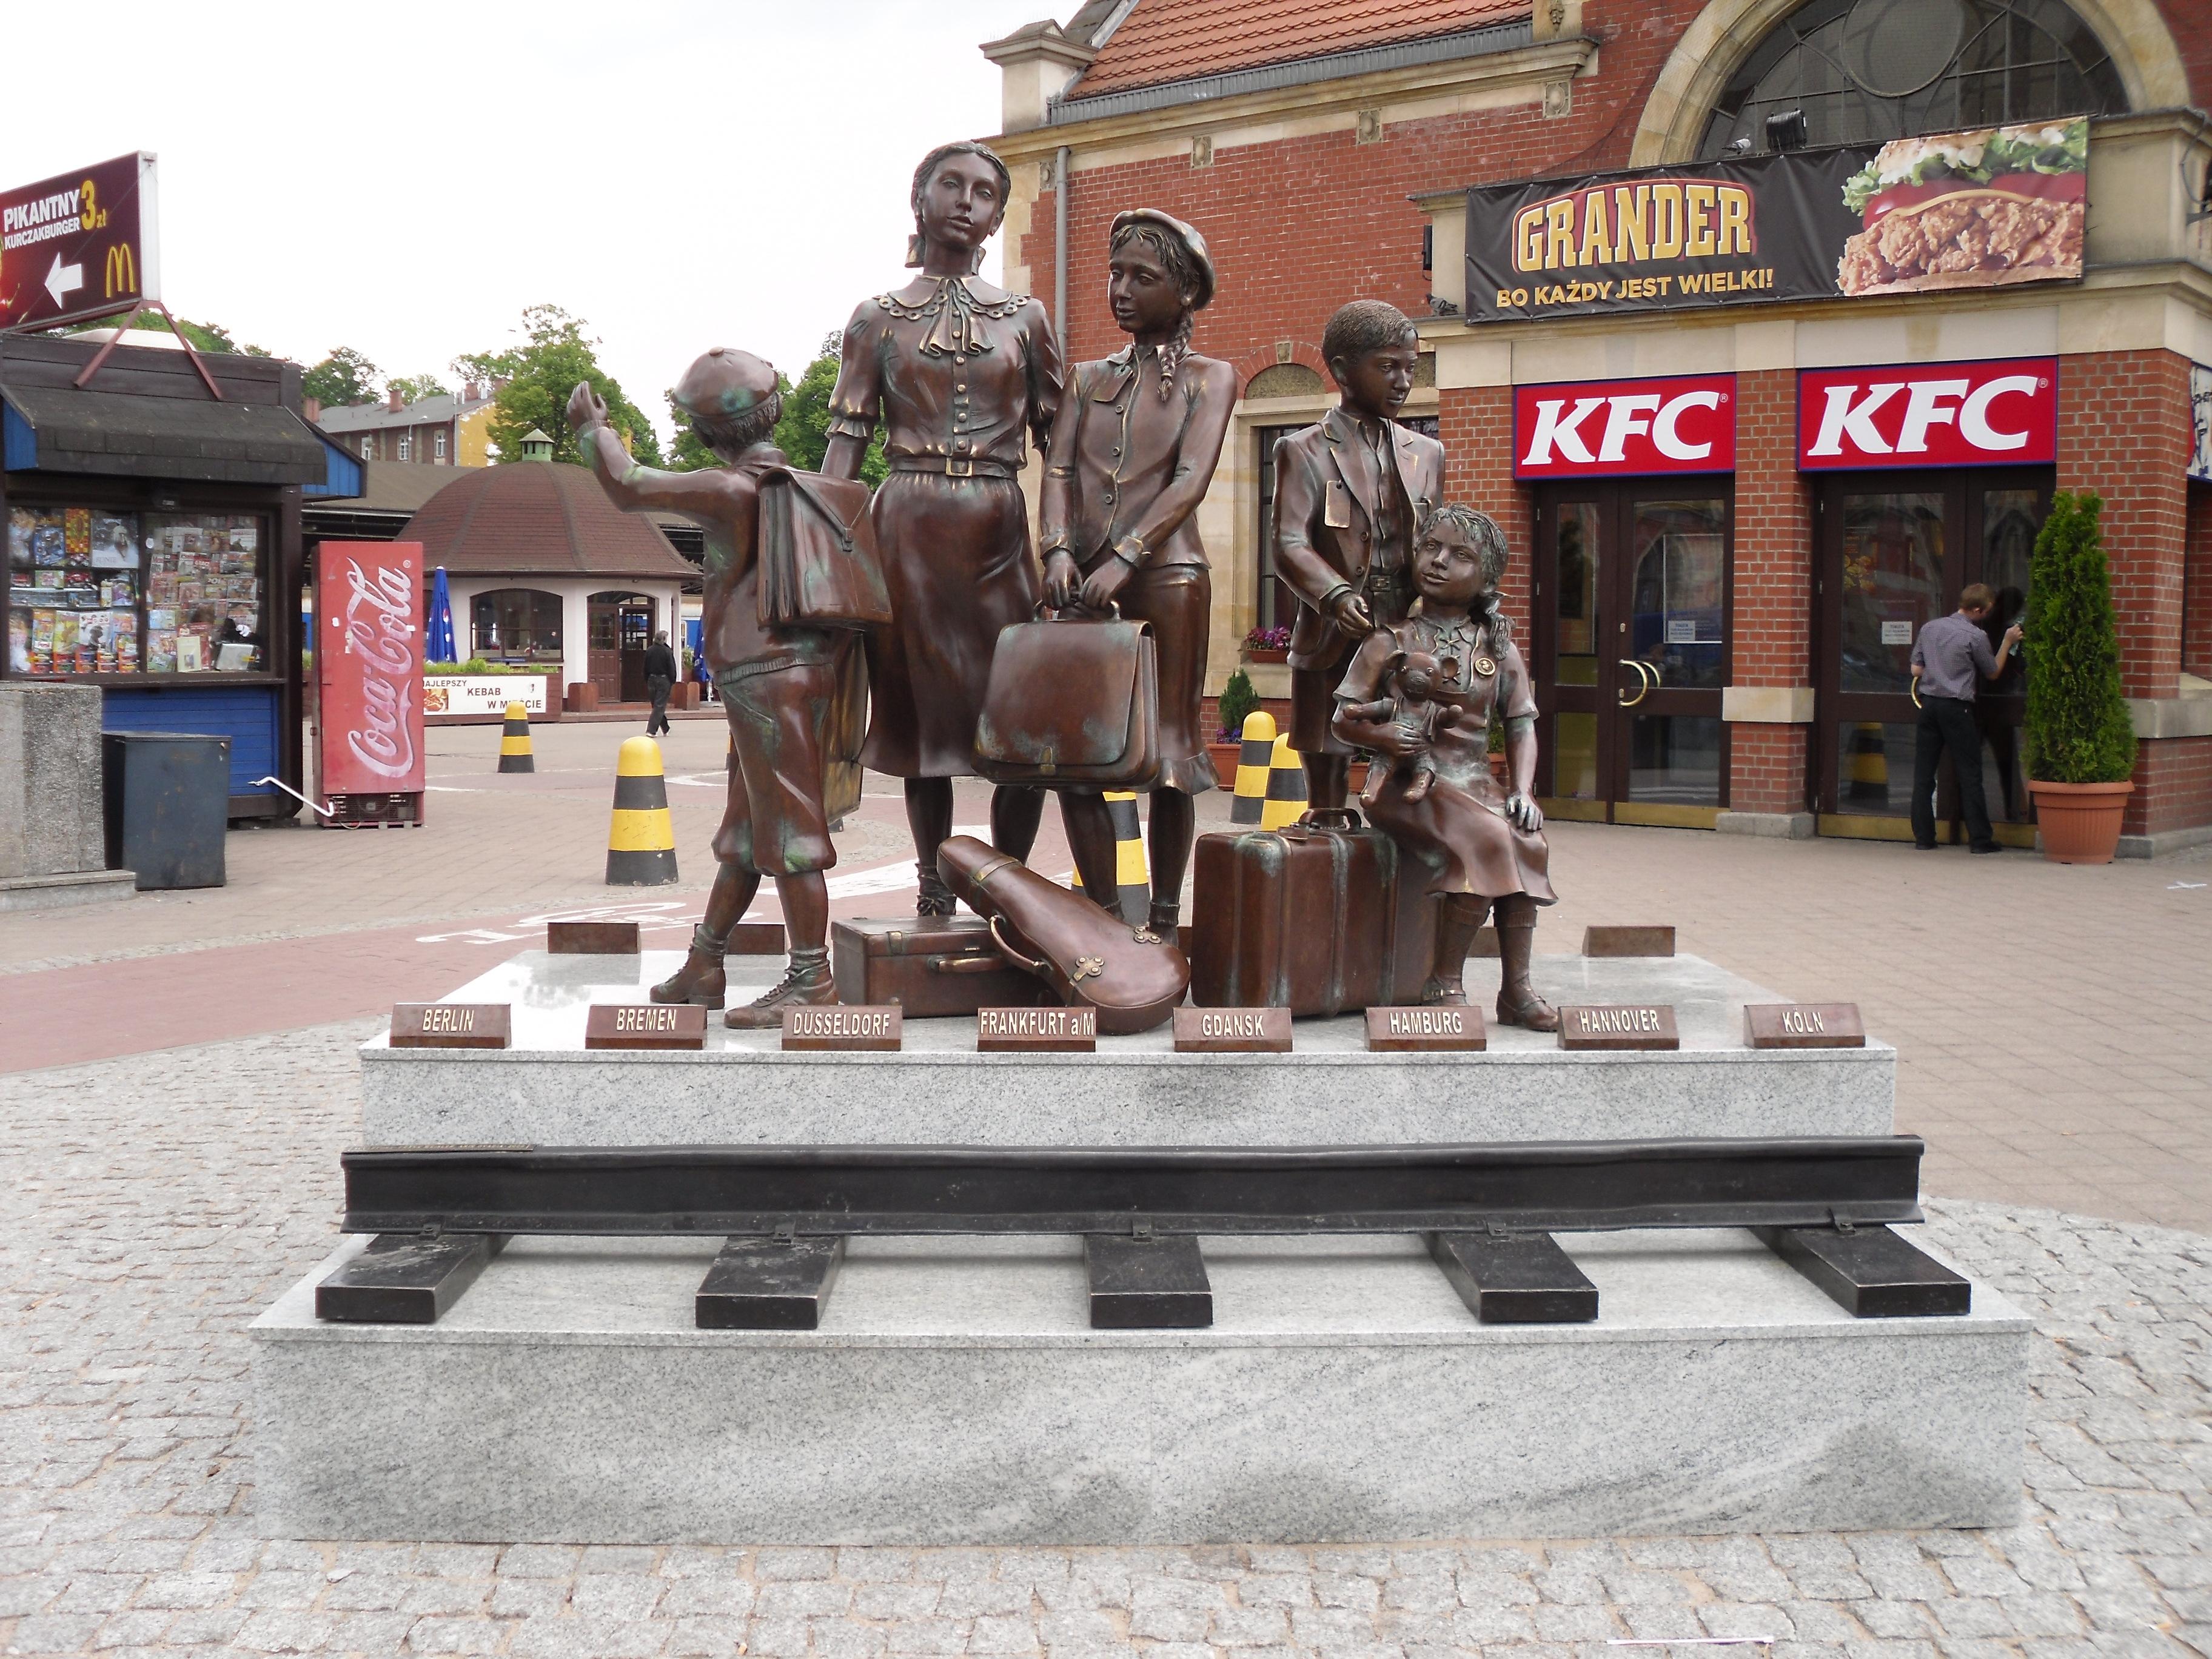 Pomnik w Gdańsku przedstawia pięcioro dzieci z walizkami, tornistrami i misiem stoi na peronie tuż przed odjazdem pociągu